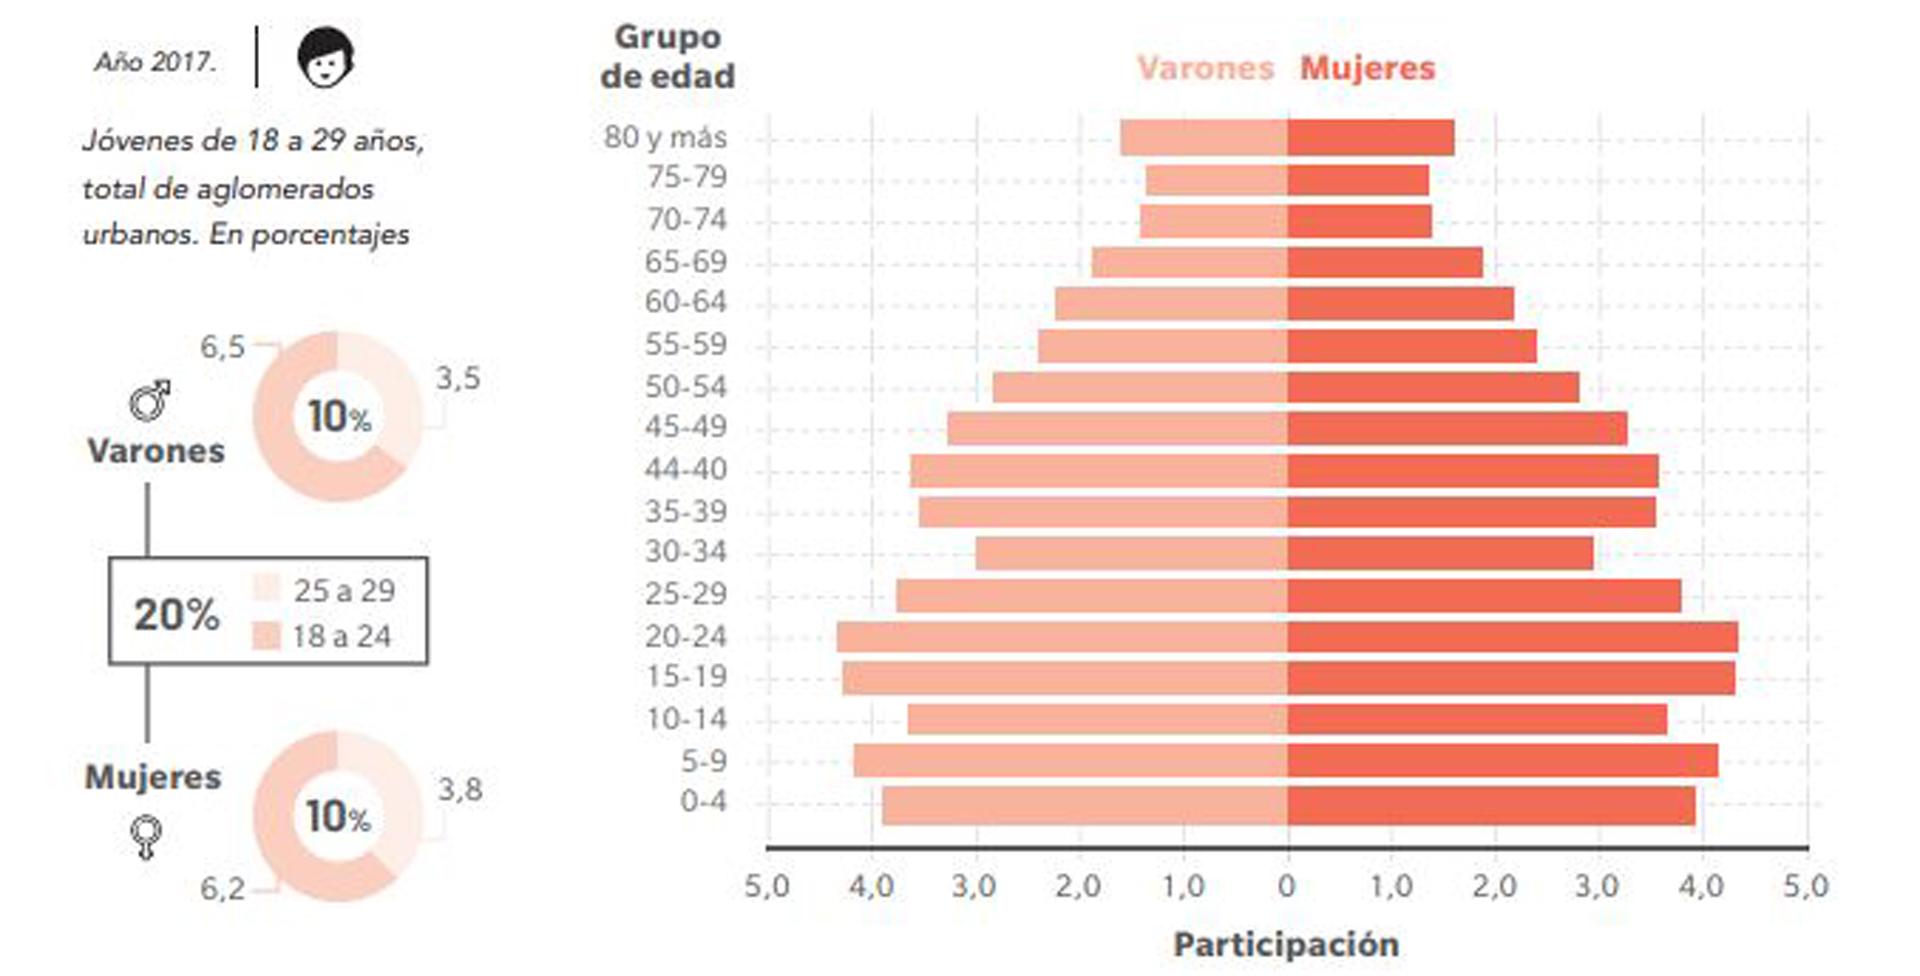 En la muestra, los varones de 18 a 24 años representaban el 6,5% de la población total, mientras que los de 25 a 29 años constituían el 3,5%. Por su parte, las mujeres de 18 a 24 años eran el 6,2% de la población y las de 25 a 29 años constituían el 3,8%. En términos de su composición socio-demográfica, dos tercios de los jóvenes pertenecen al tramo etario de 18 a 24 años, mientras que el tercio restante corresponde al grupo de 25 a 29 años.